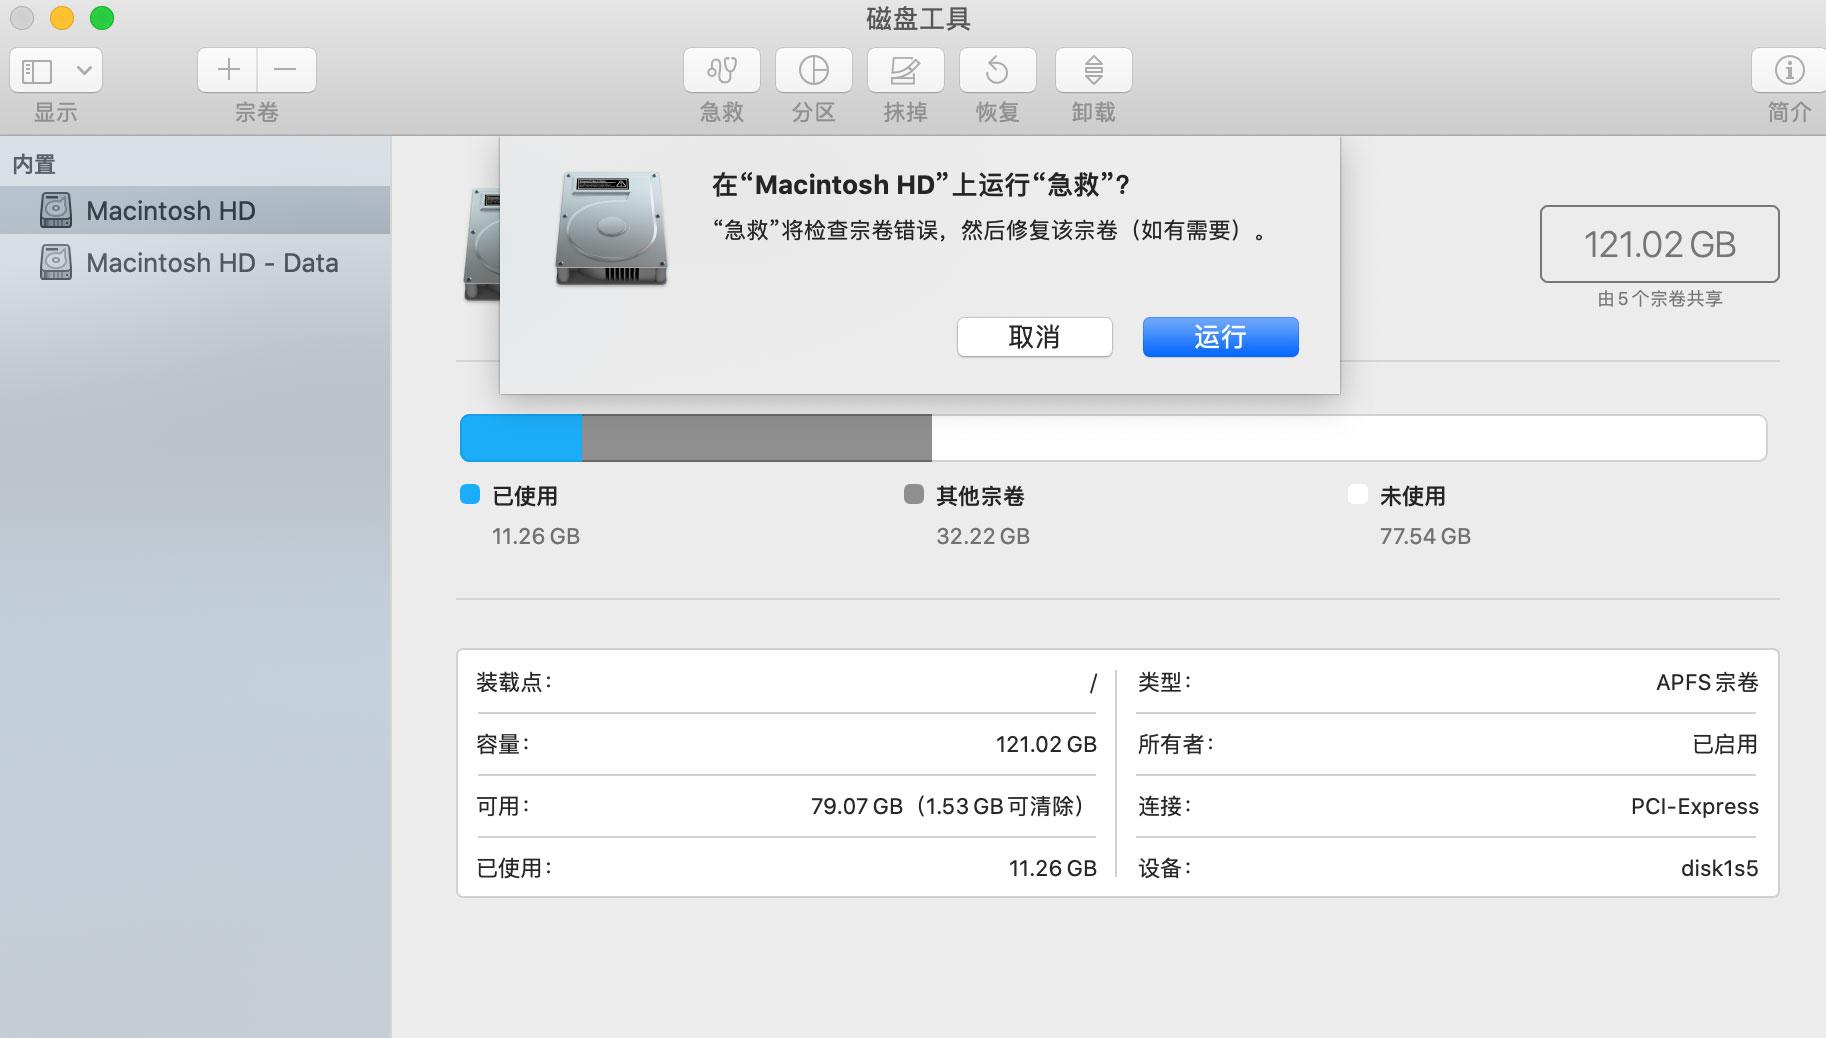 在Mac上运行First Aid修复闪烁的问号